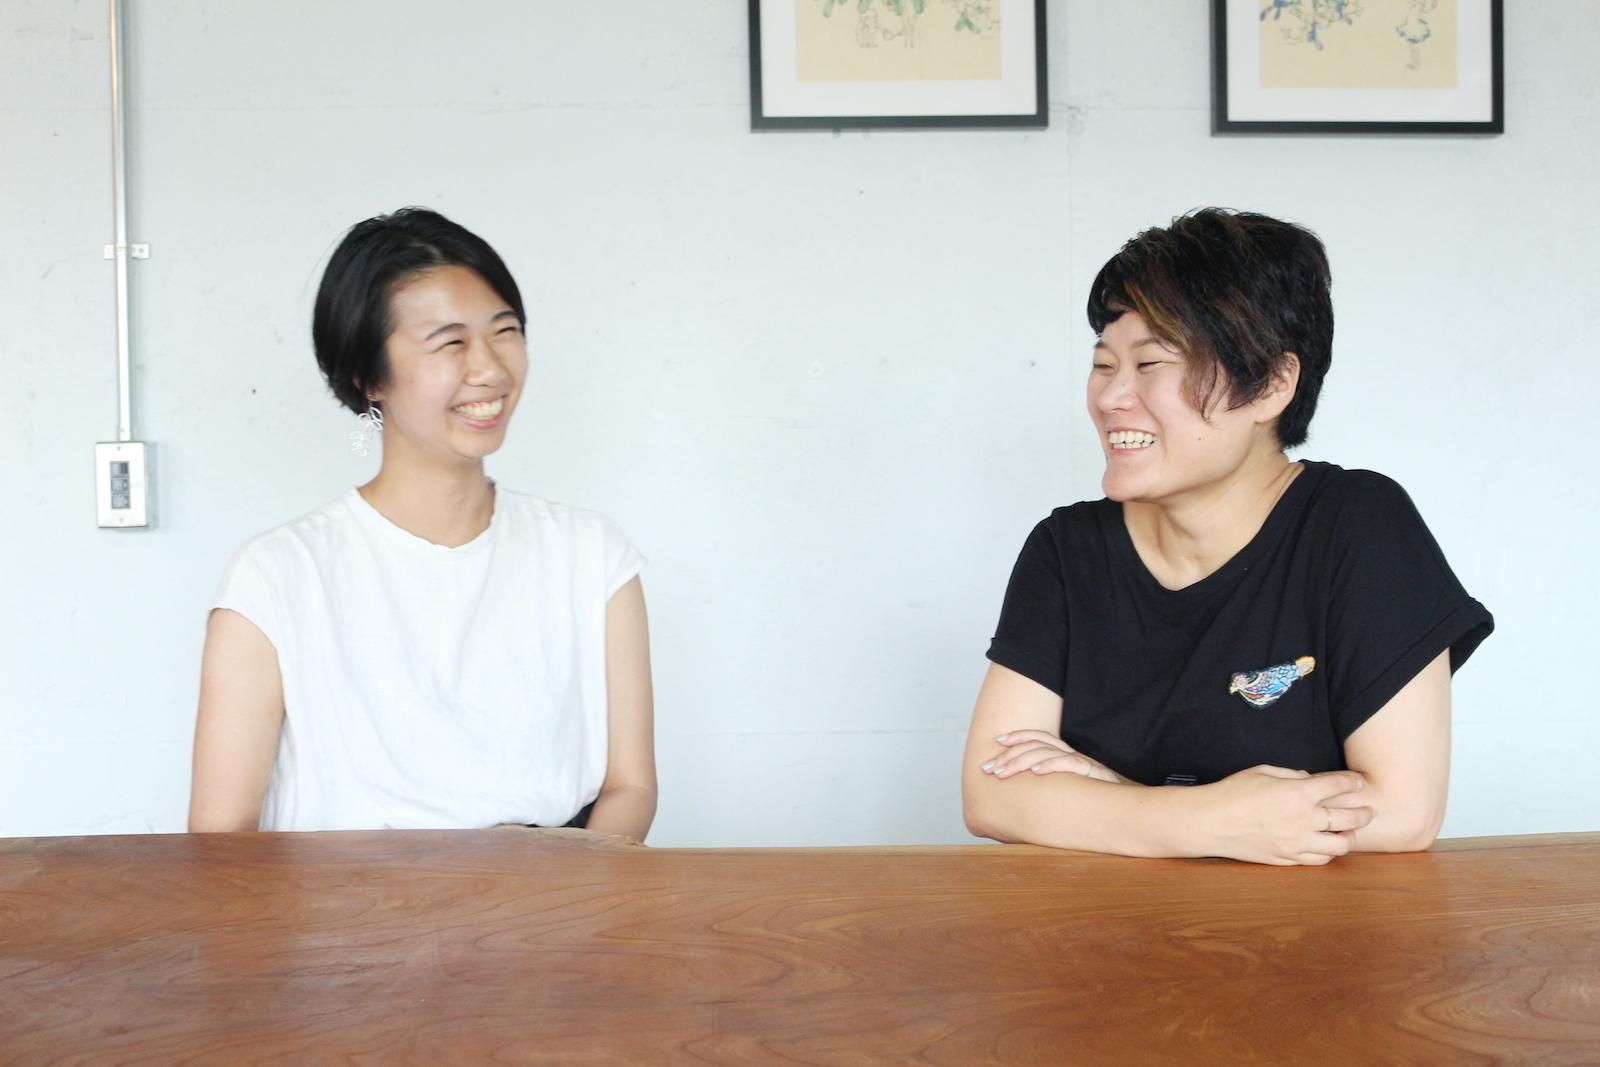 右が飯石藍さん、左が宮田サラさん。南池袋公園の目と鼻の先にある事務所にて。